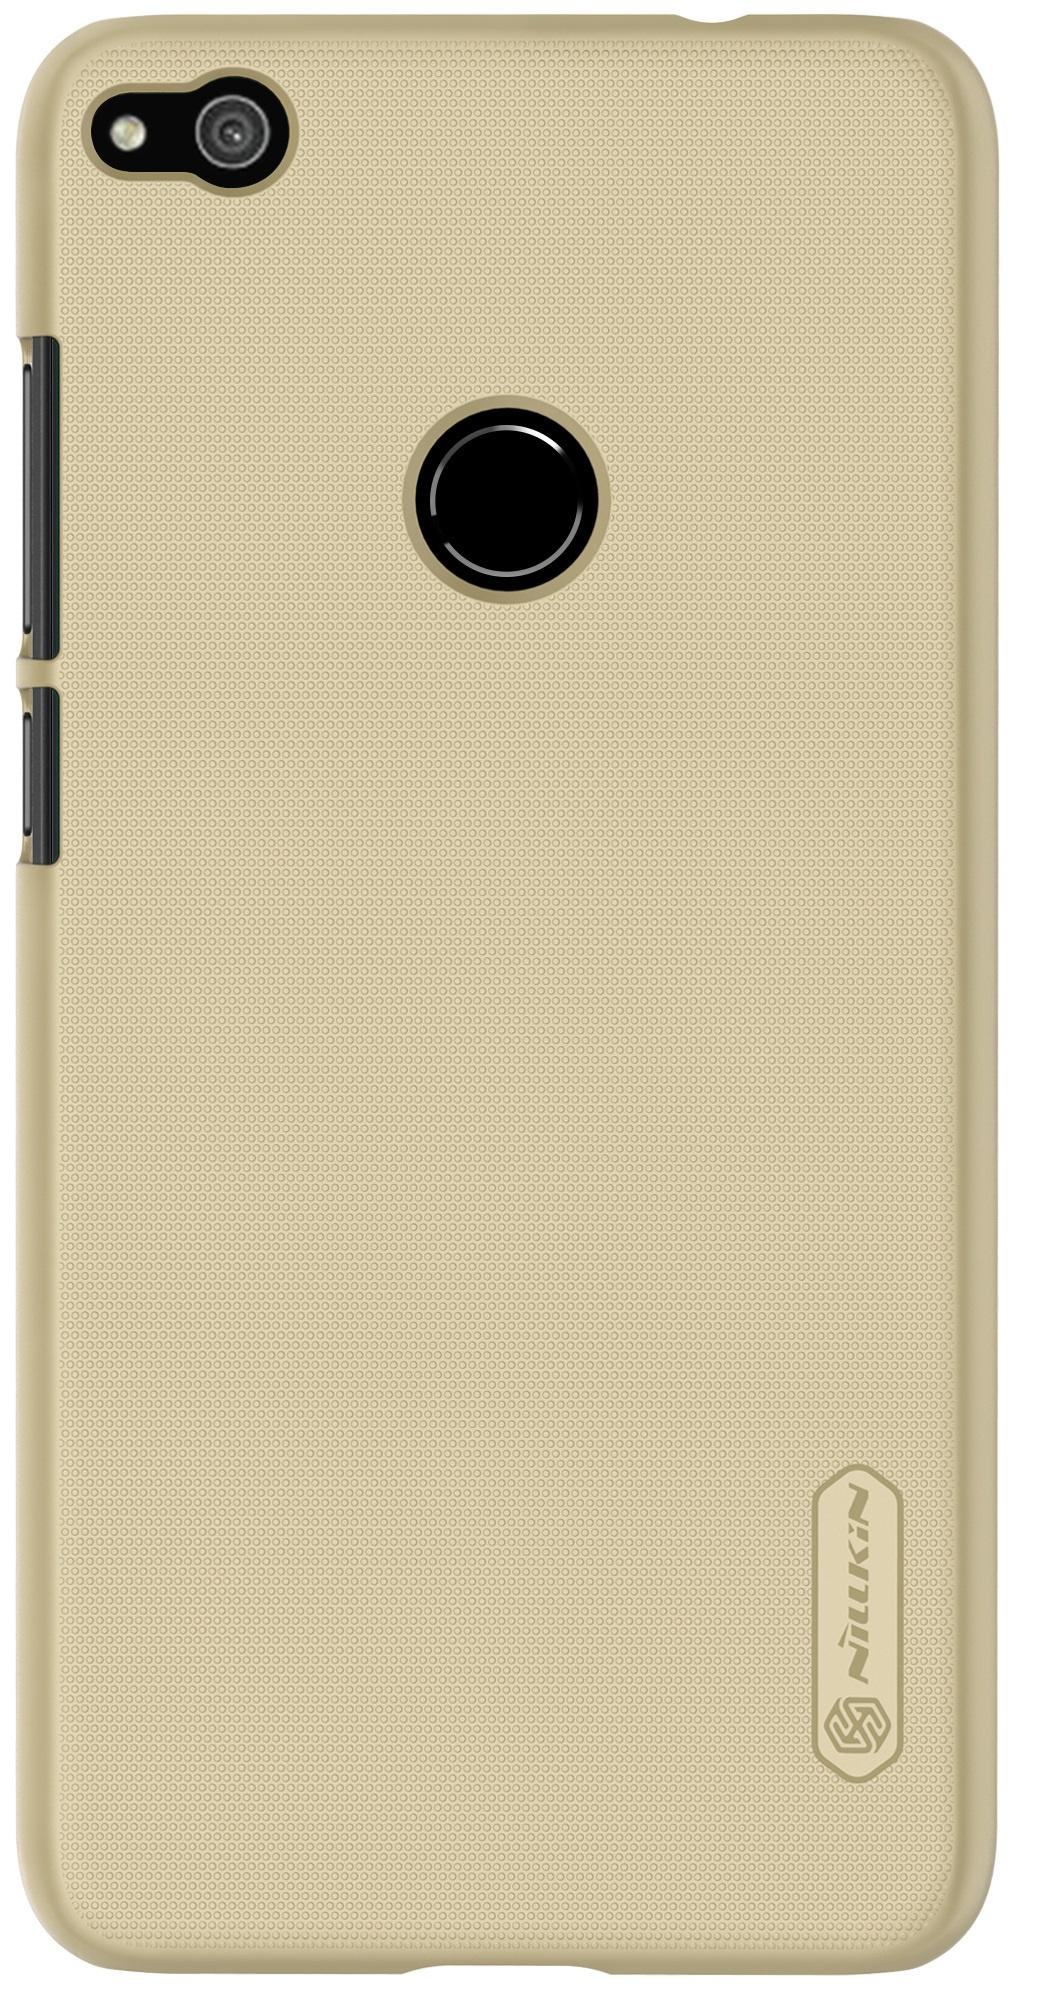 Накладка Nillkin для Huawei P8 Lite золотистый не трогайте меня pattern мягкий тонкий тпу резиновый силиконовый гель дело чехол для huawei p8 lite